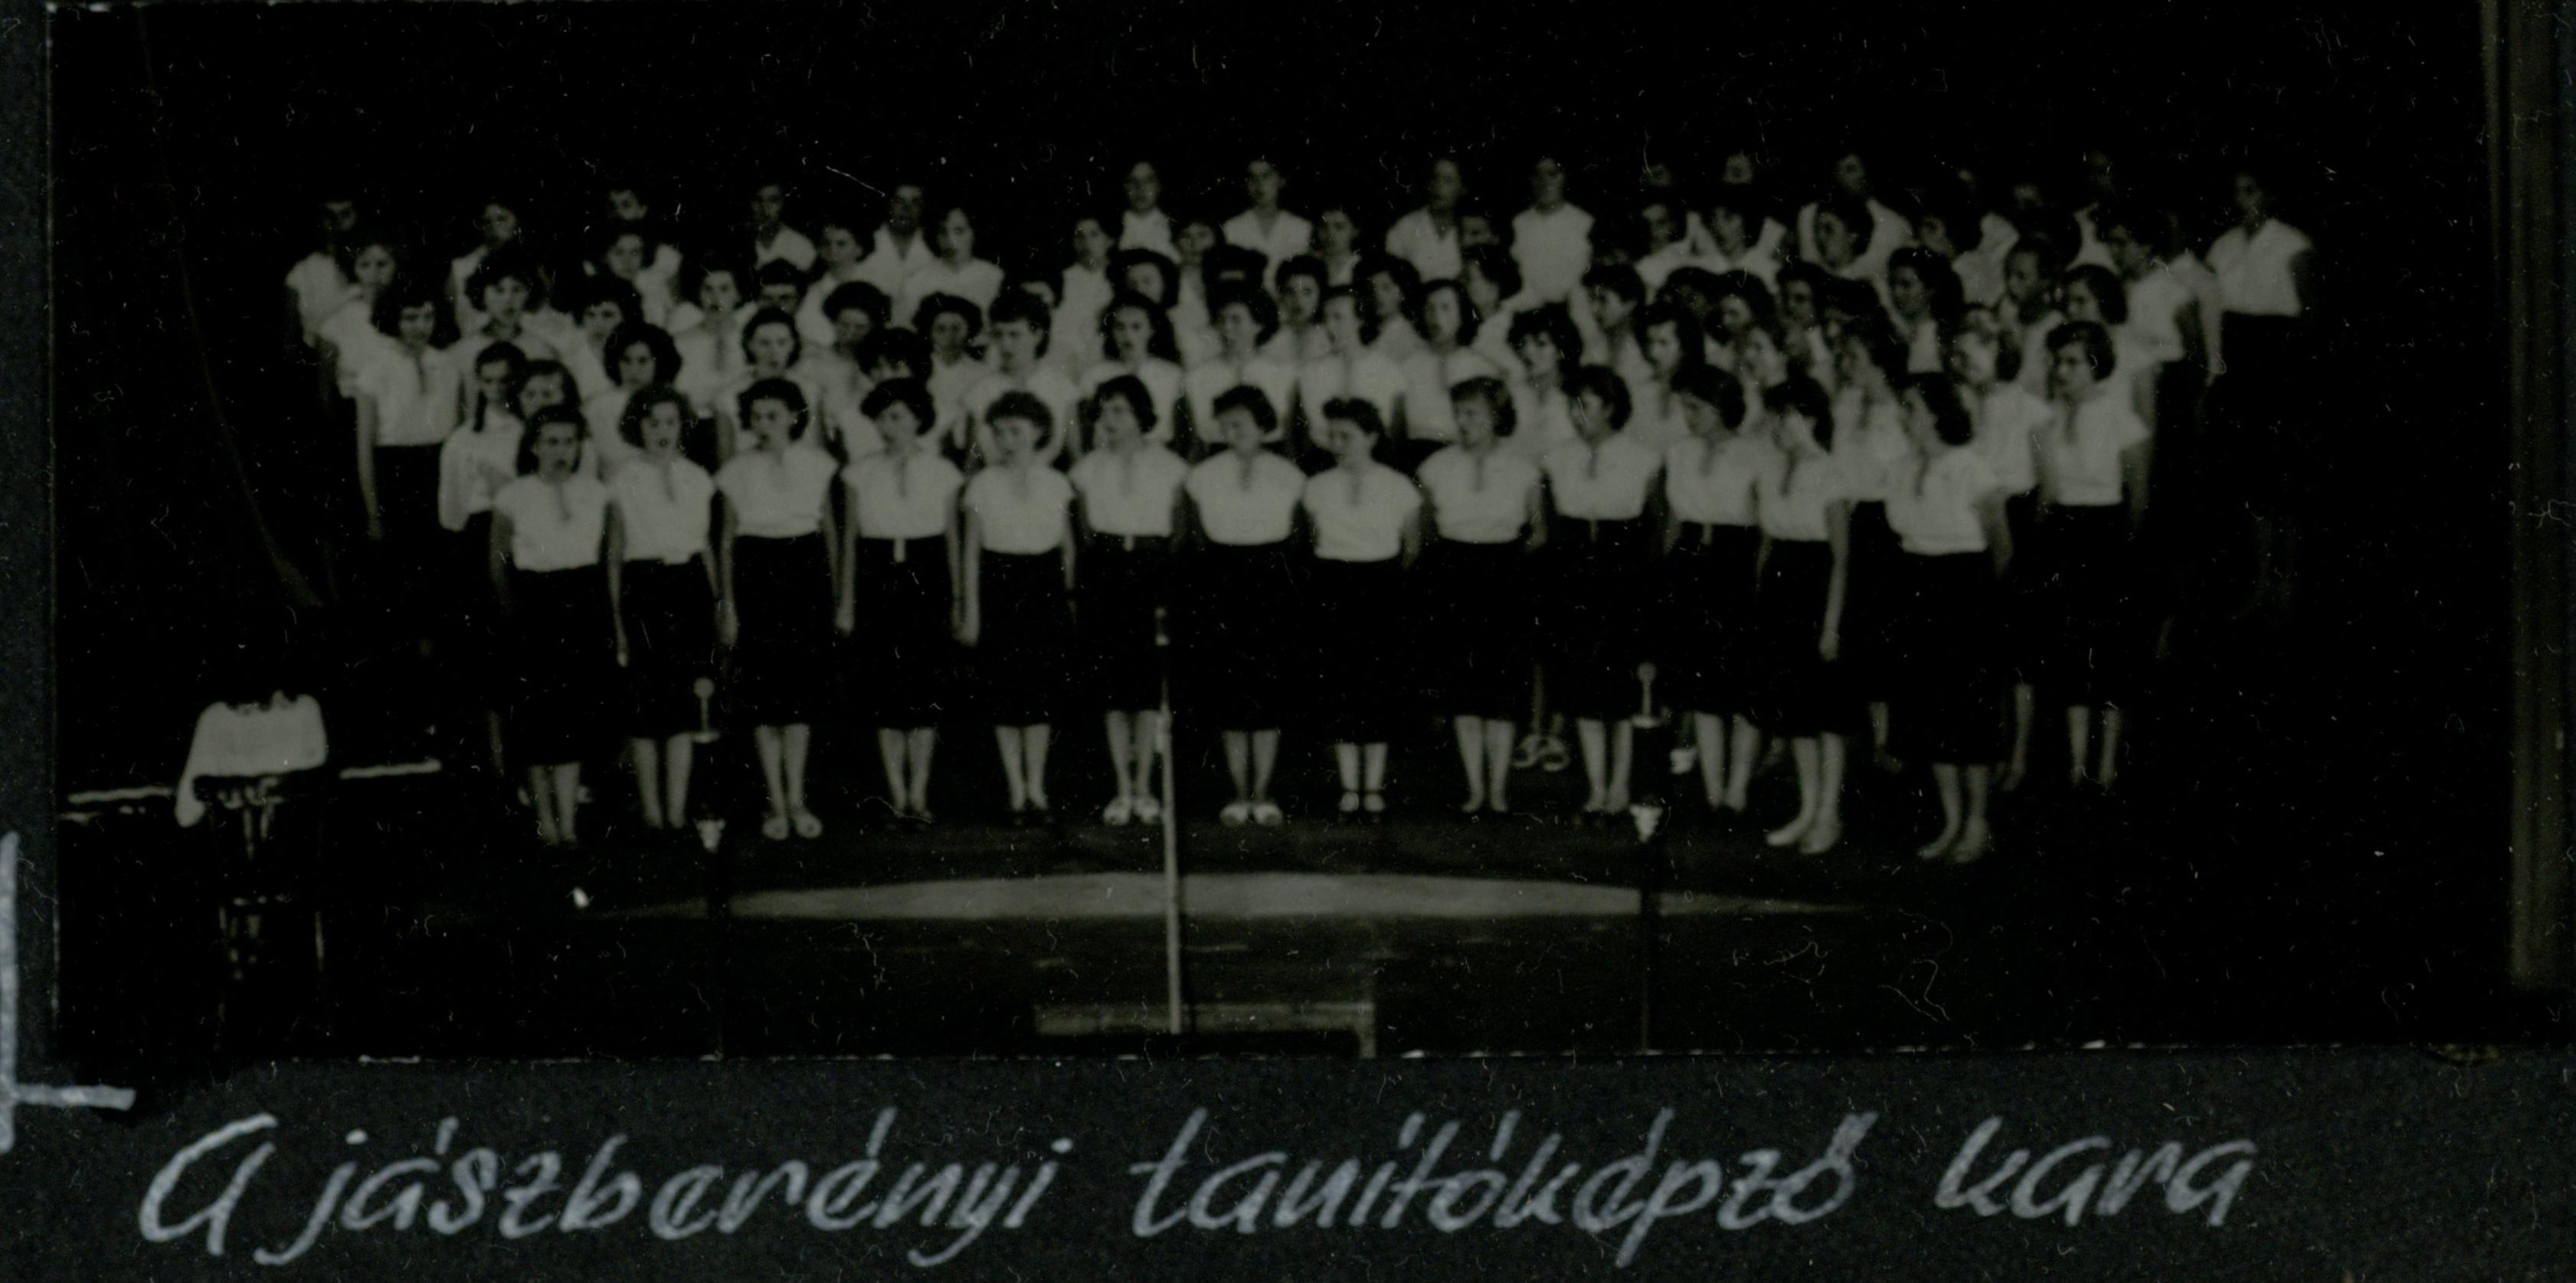 Jászberényi tantóképző kara 1958.06.01.